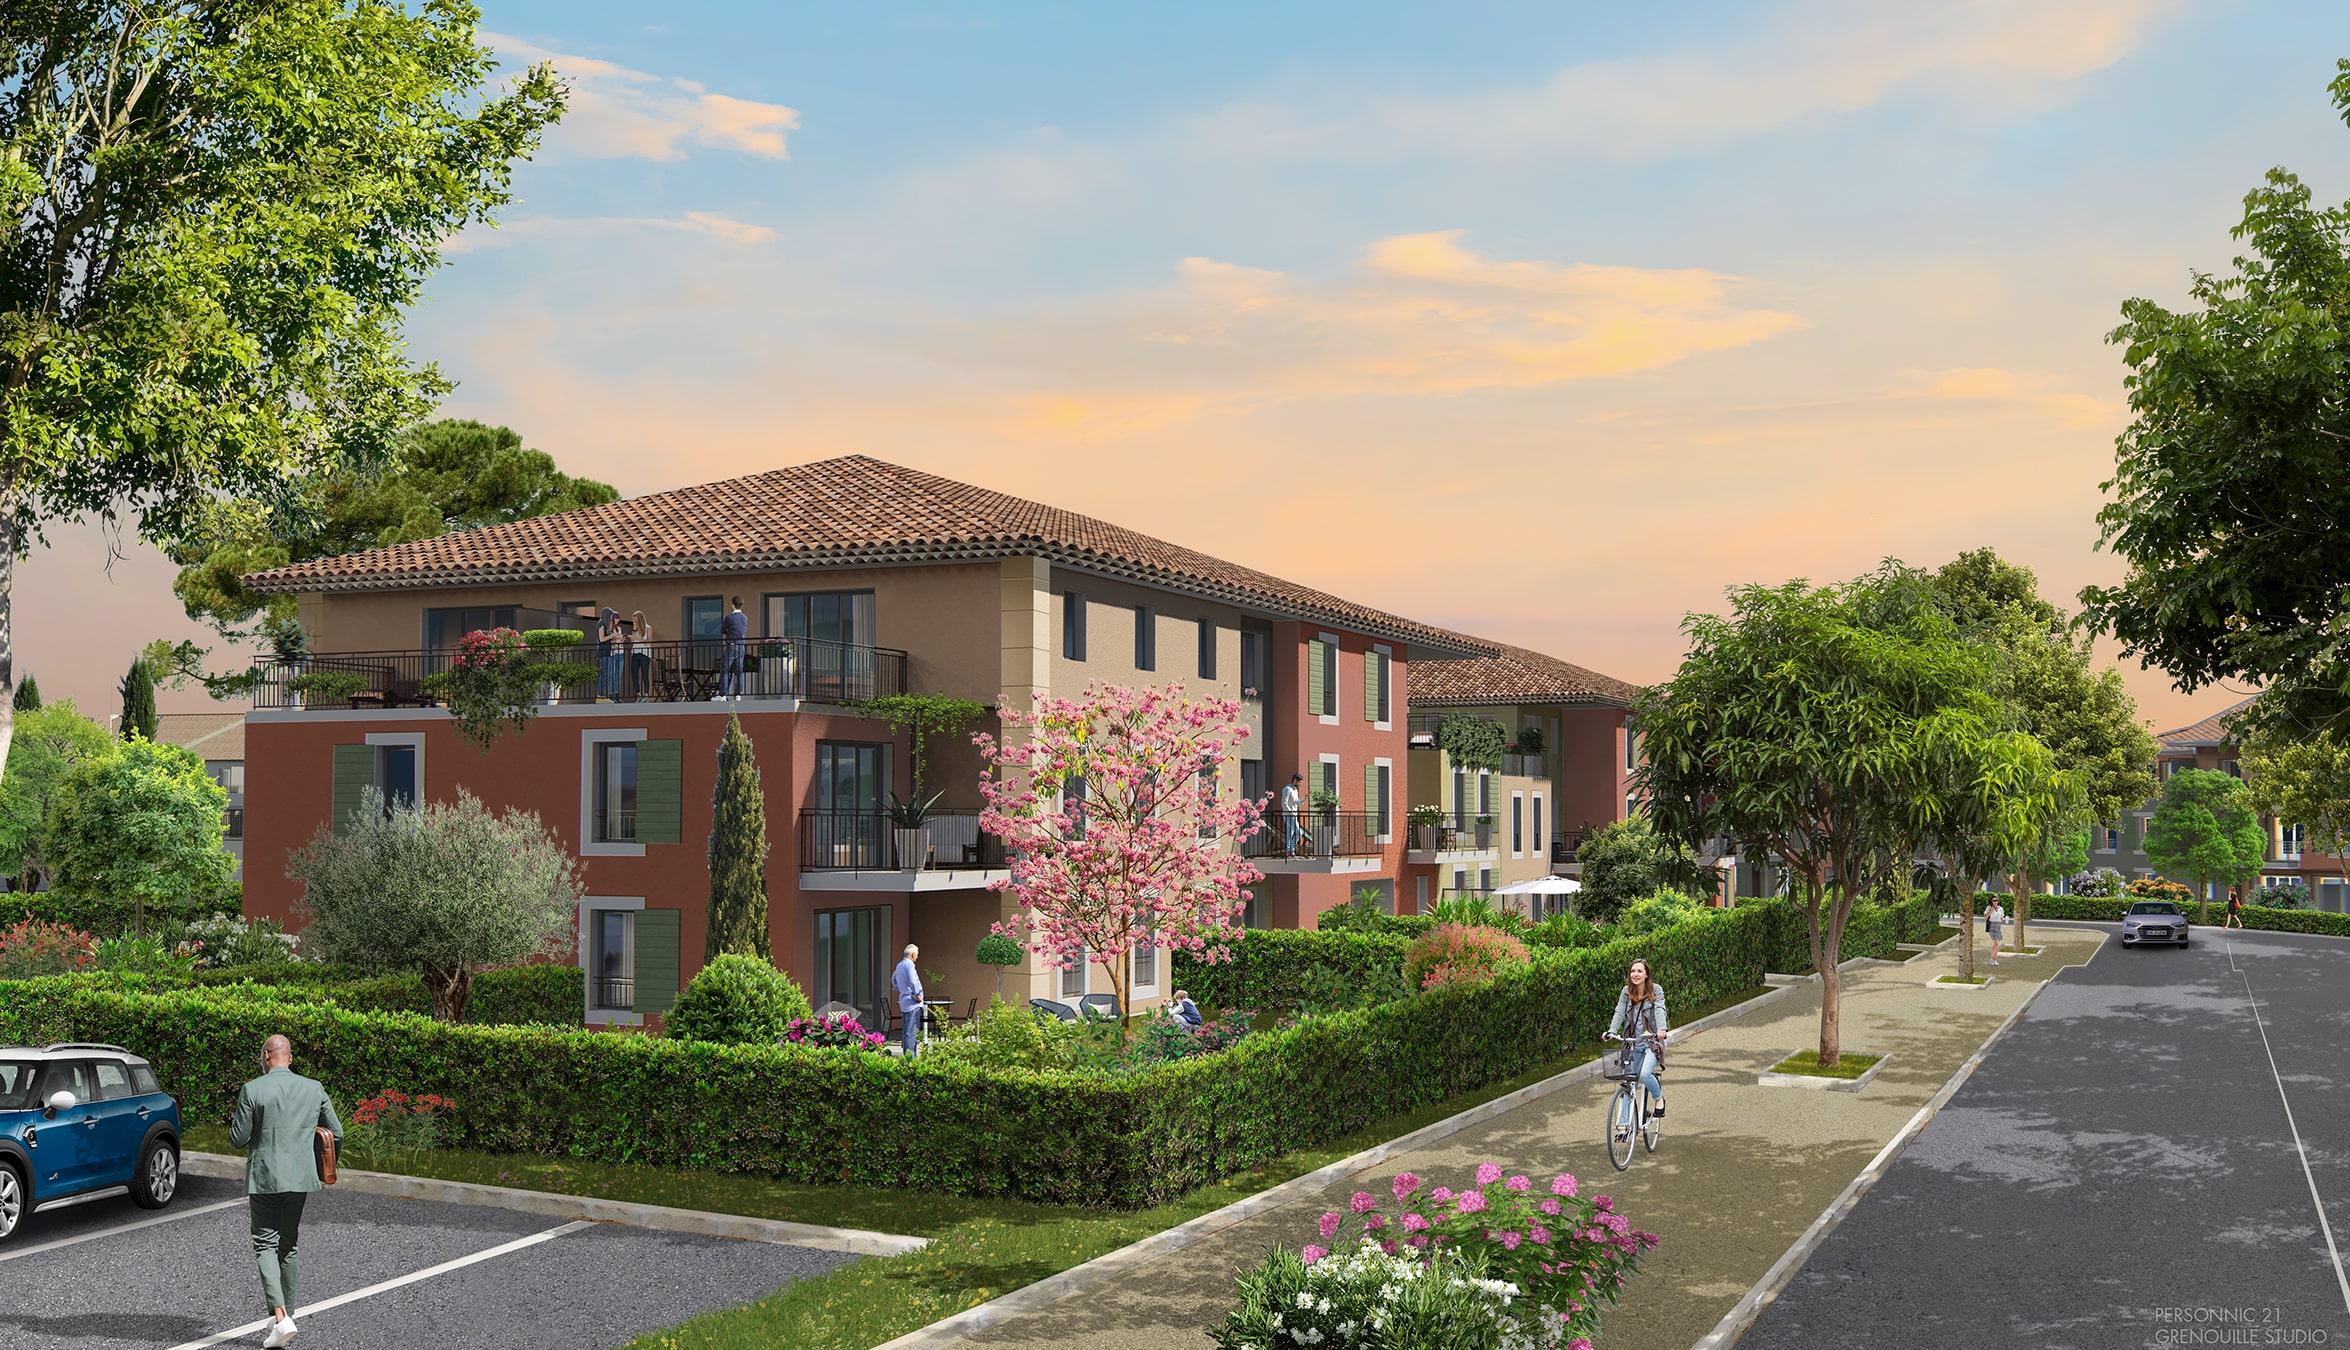 Programme immobilier ALT109 appartement à Le Puy-Sainte-Réparade (13610) Une valeur sûre entre Lubéron et Pays d'Aix